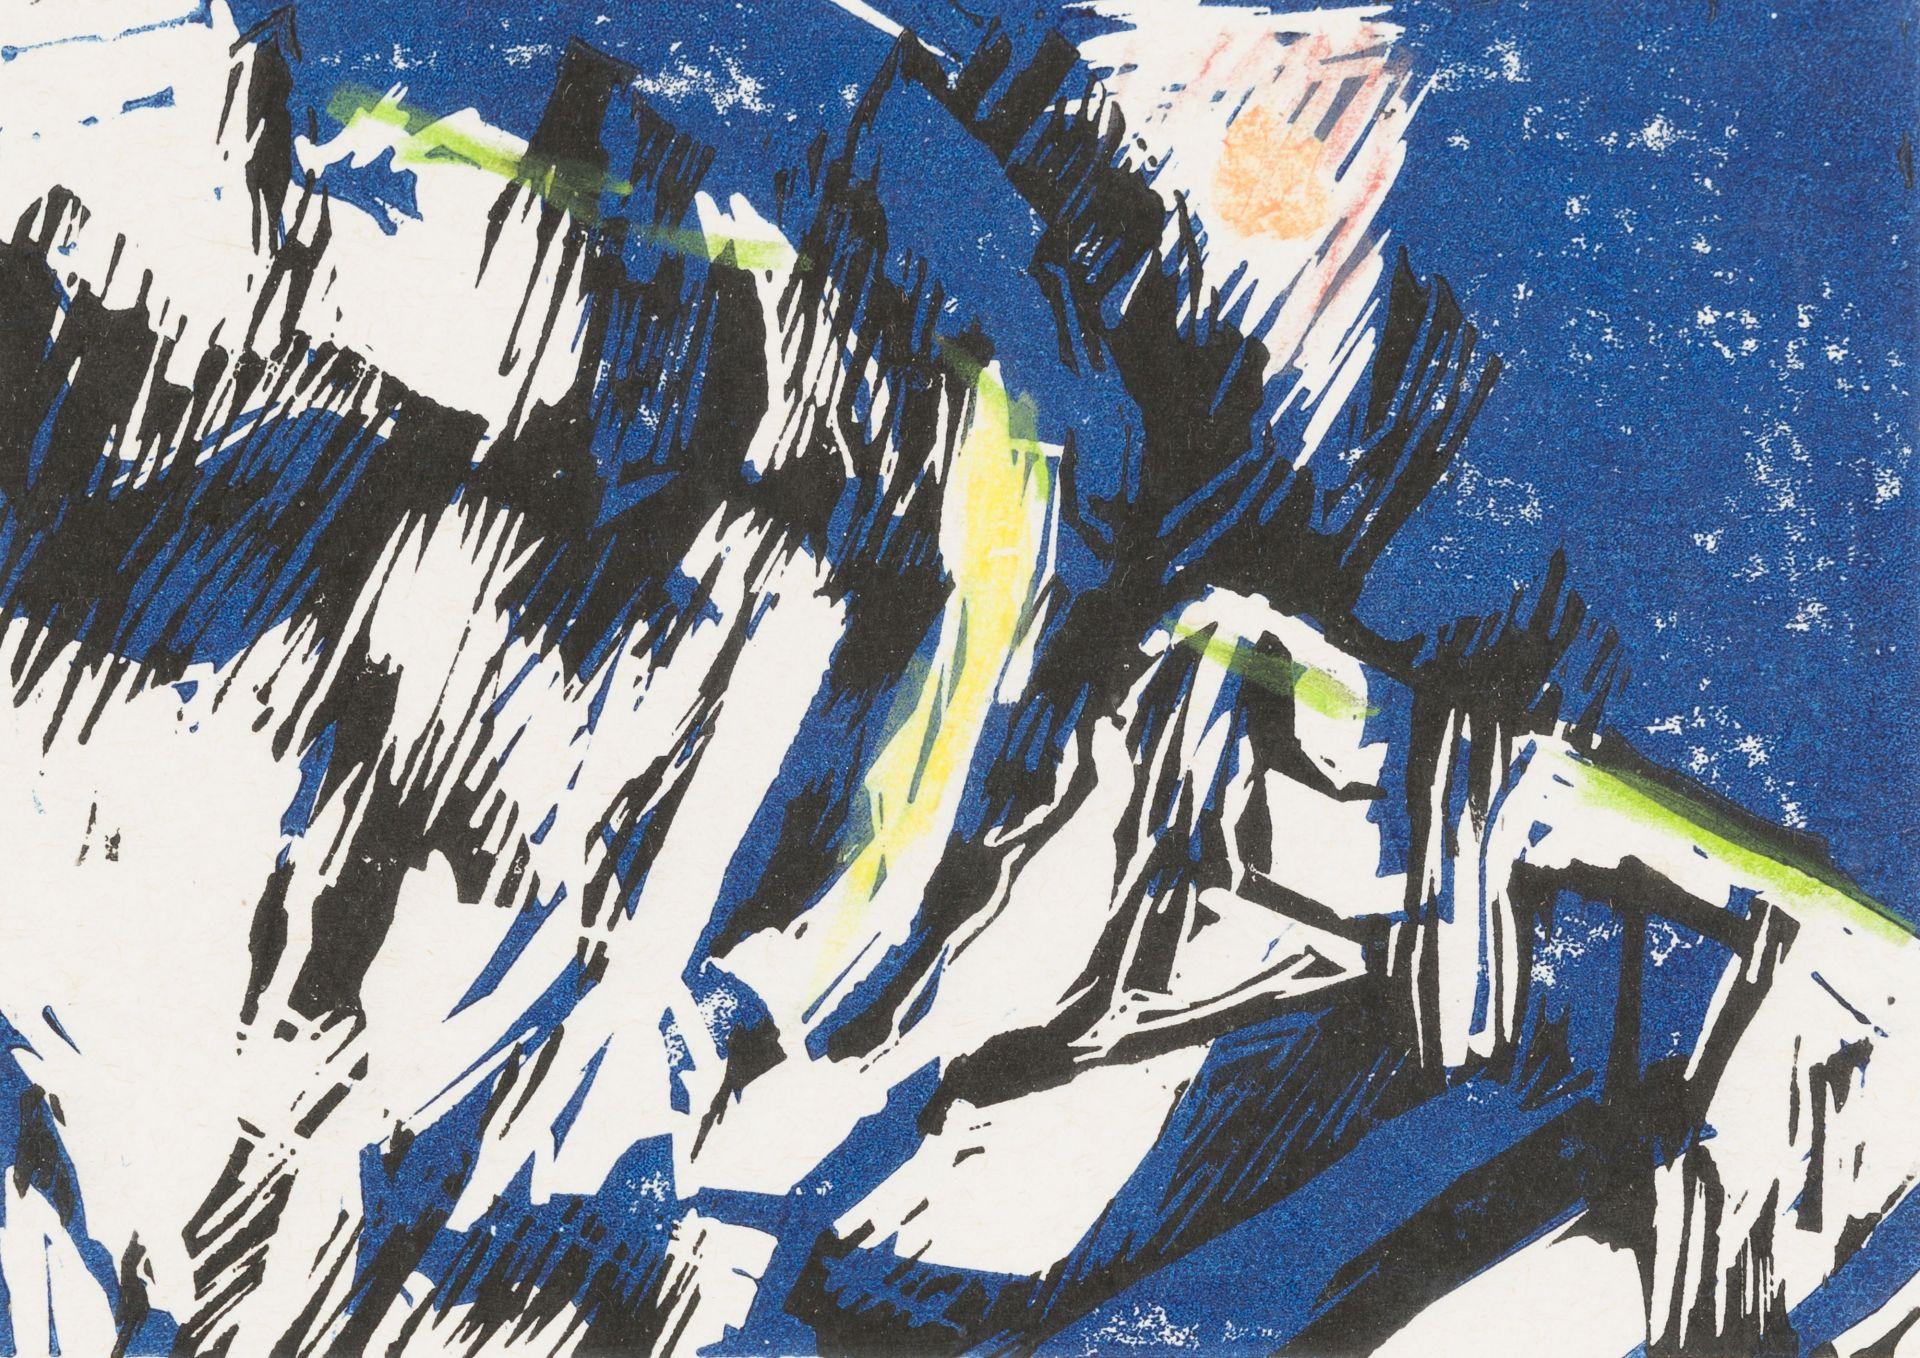 peter-griesser-www-petergriesser-com-148